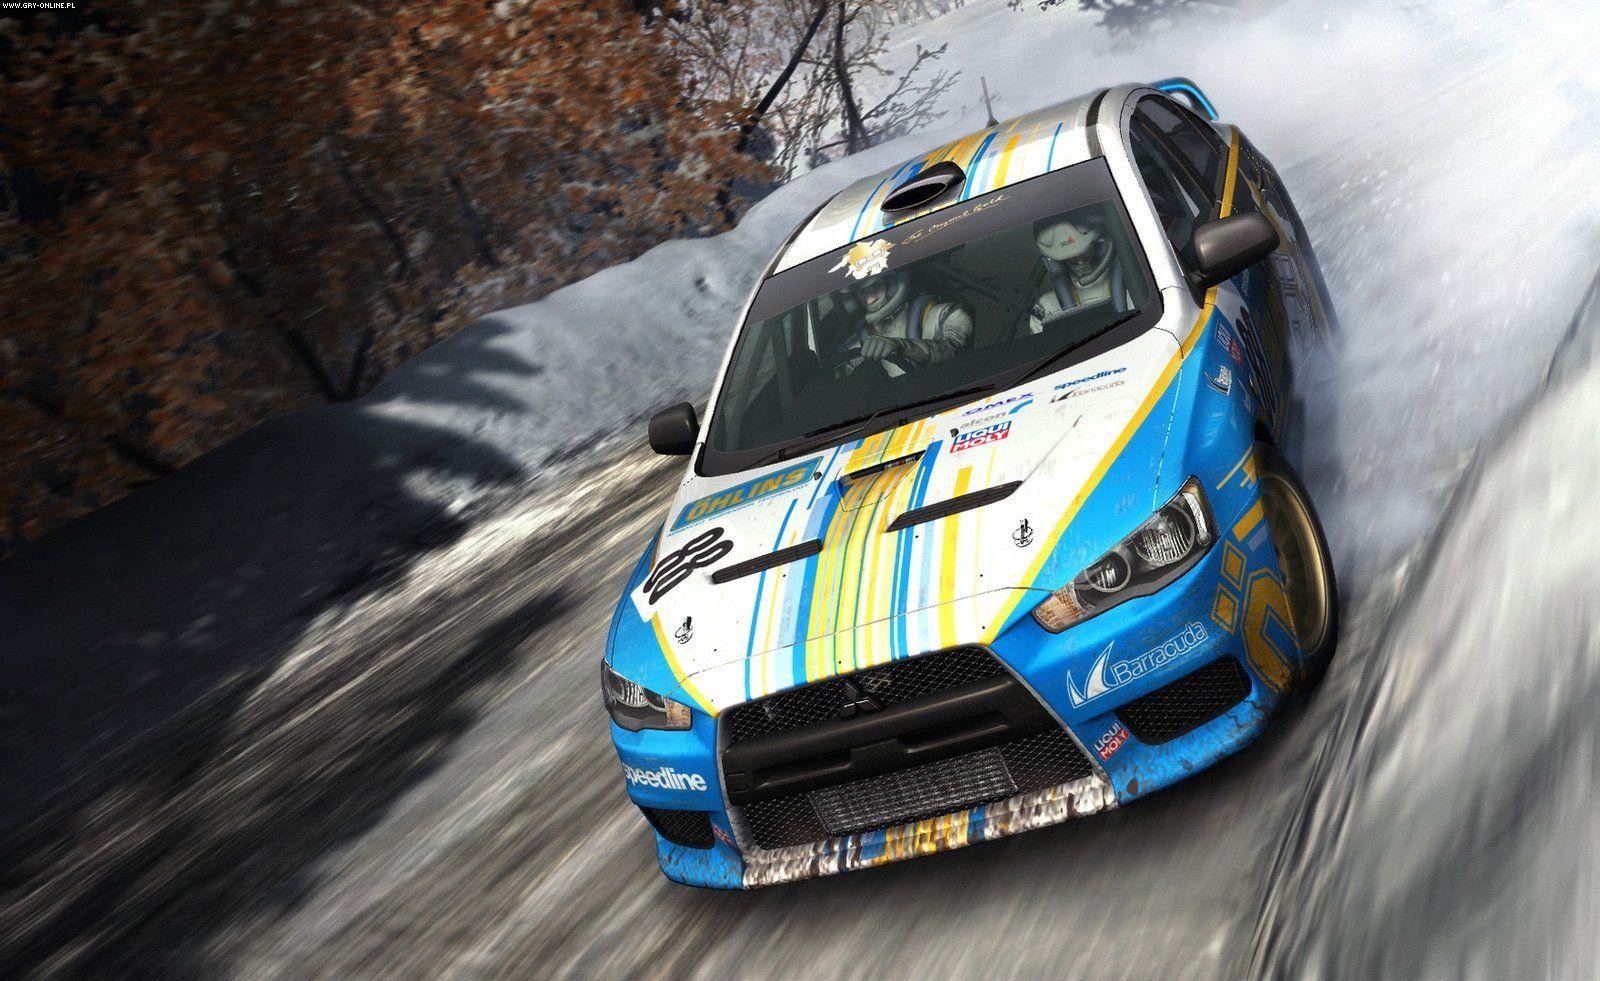 DiRT Rally image #8